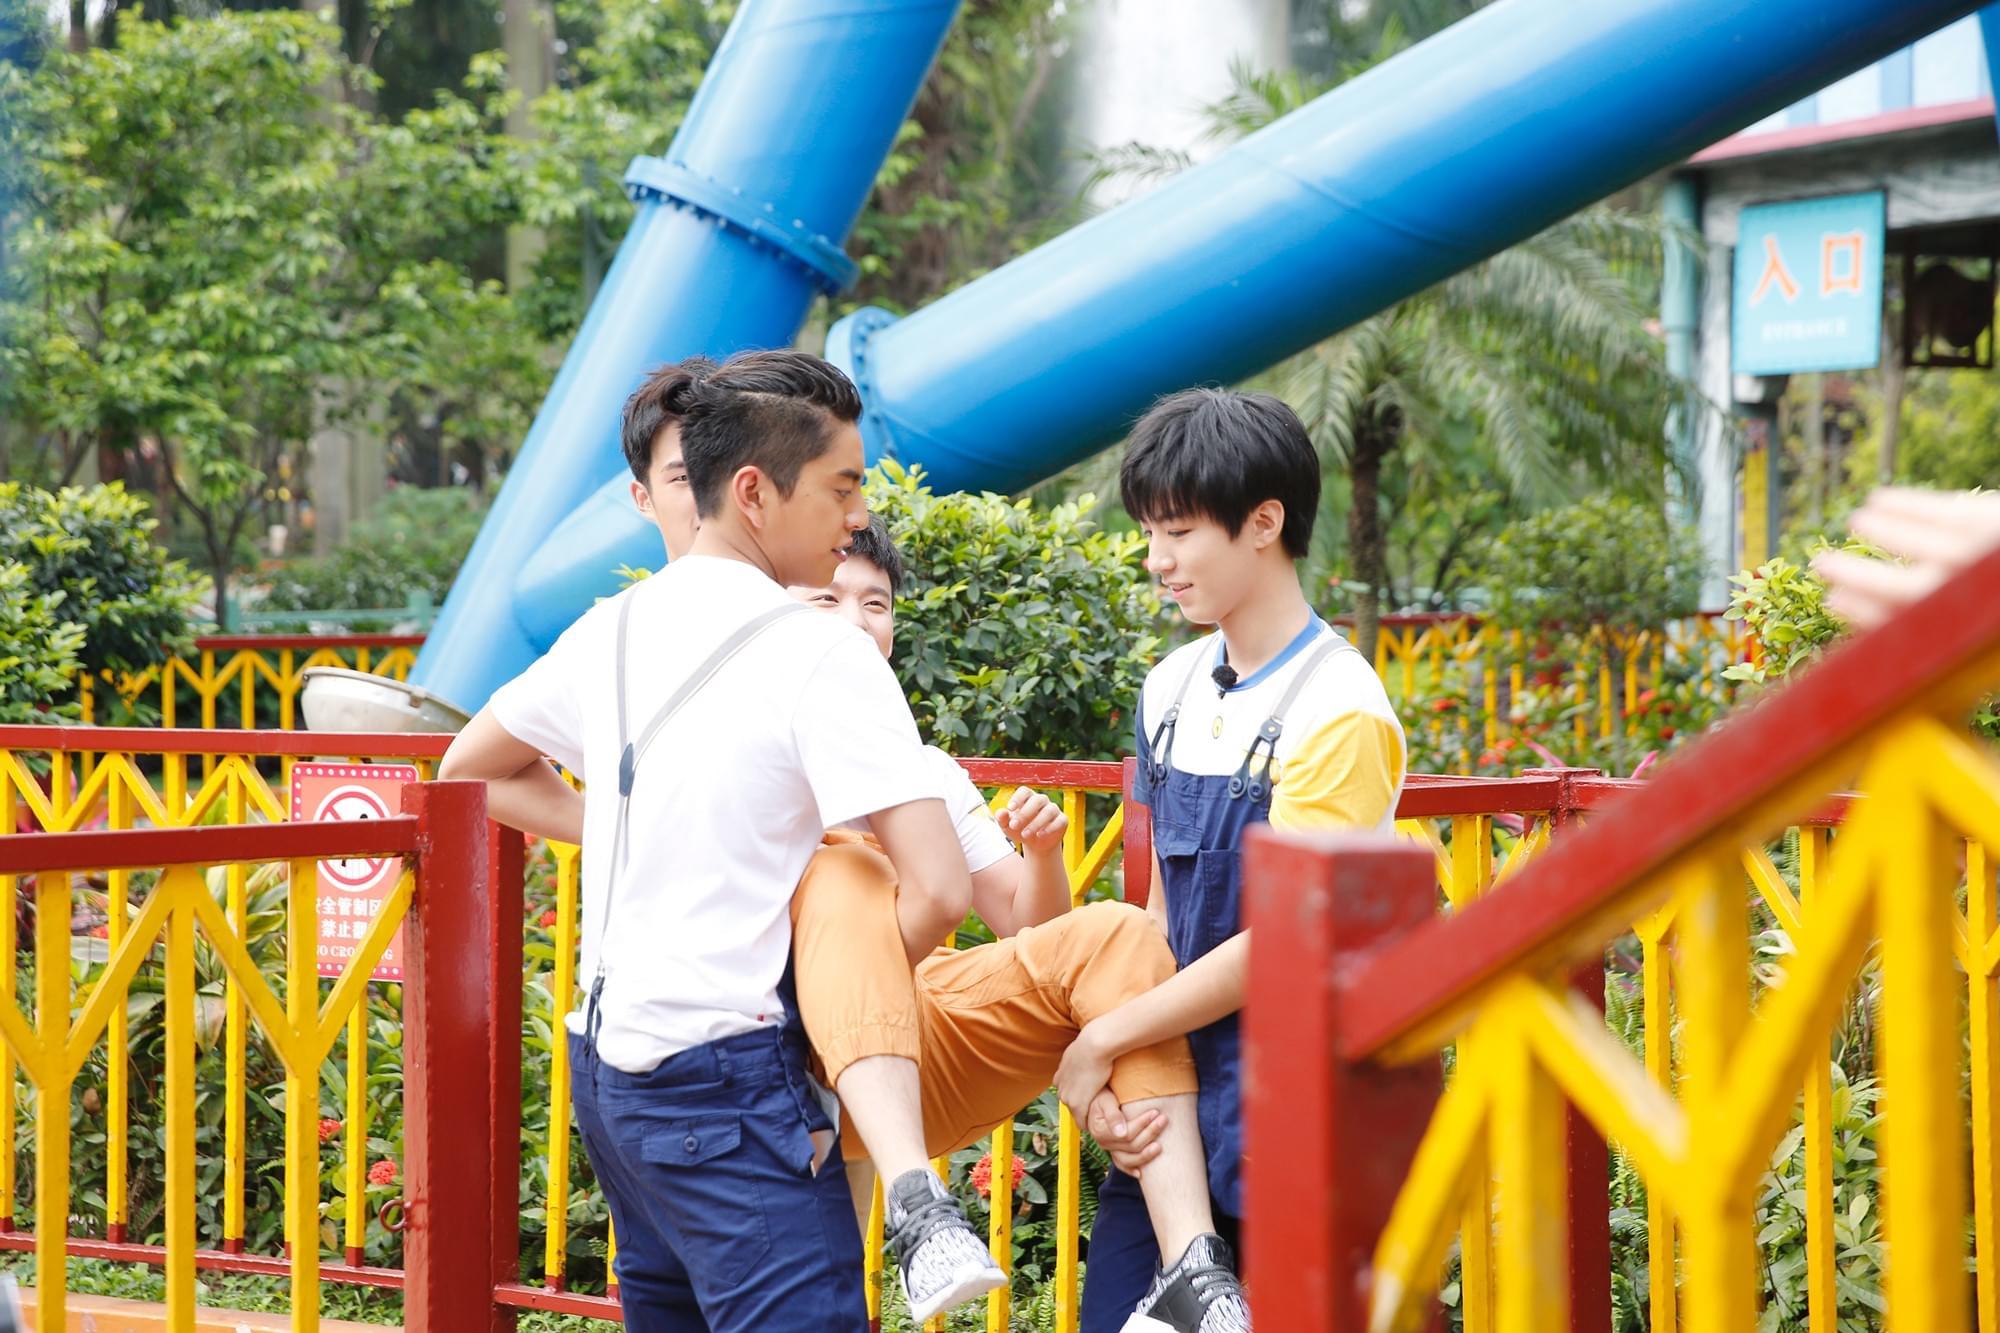 董子健恐高拒玩跳楼机 王俊凯:我会保护你的